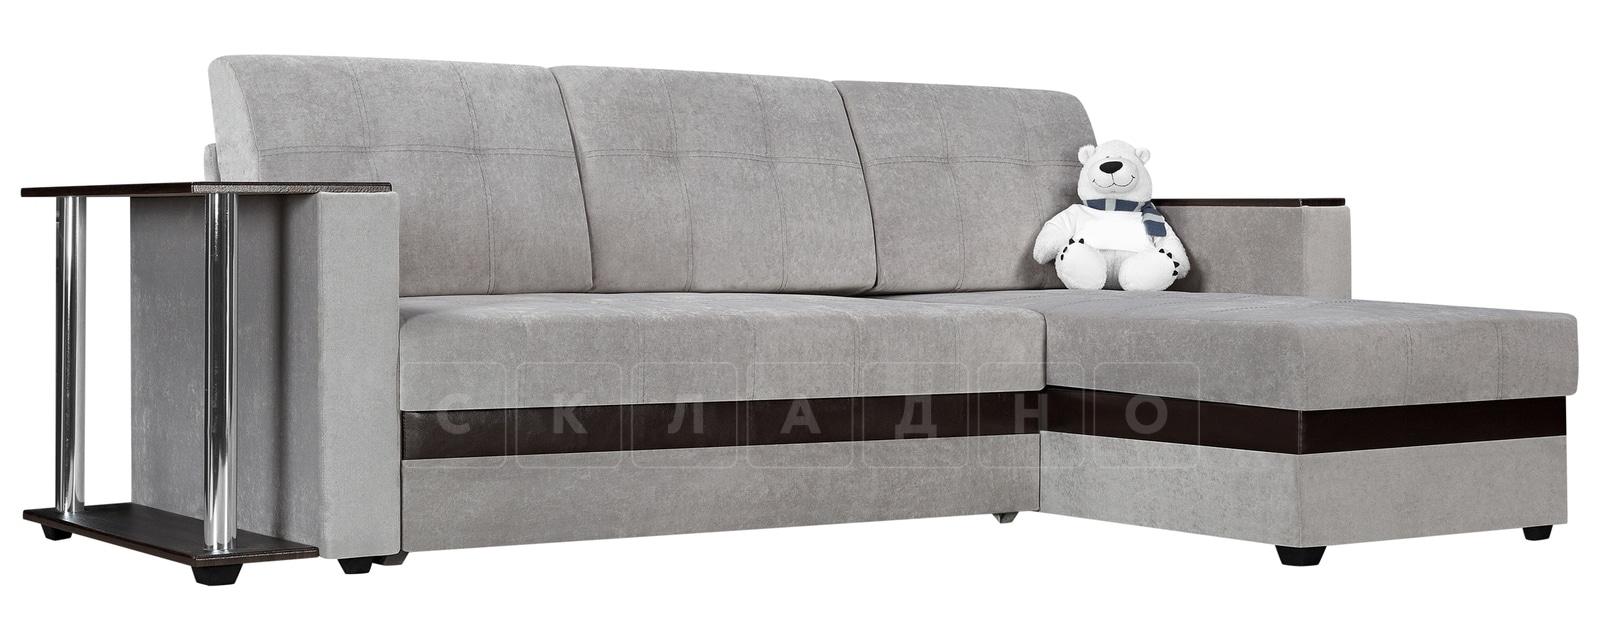 Угловой диван Атланта велюр светло-серый фото 1 | интернет-магазин Складно